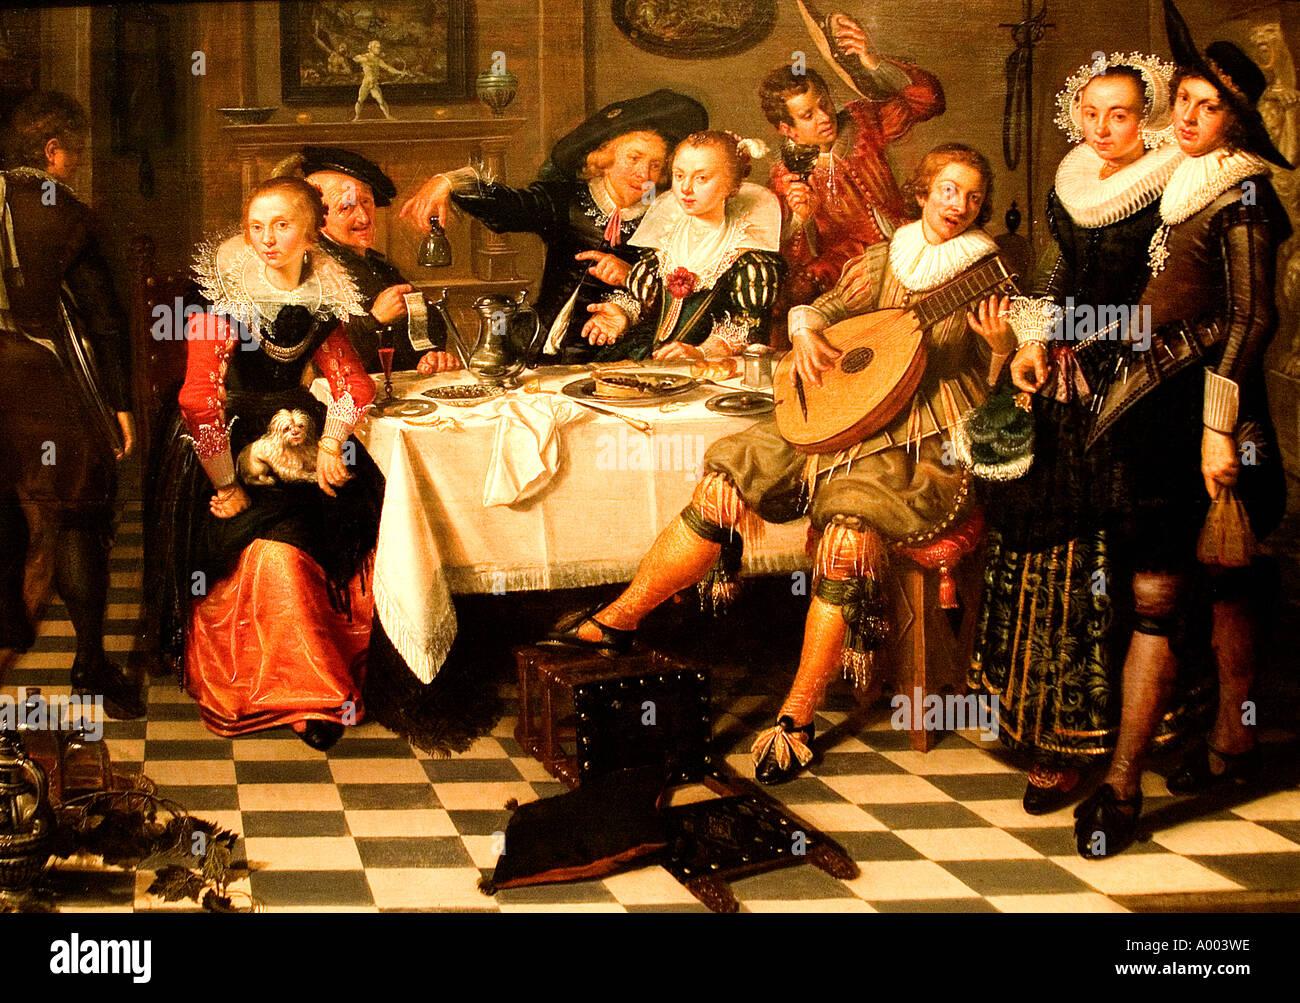 Isaac Elias A Party Essen trinken 1620 Niederlande Niederlande Holland Stockbild